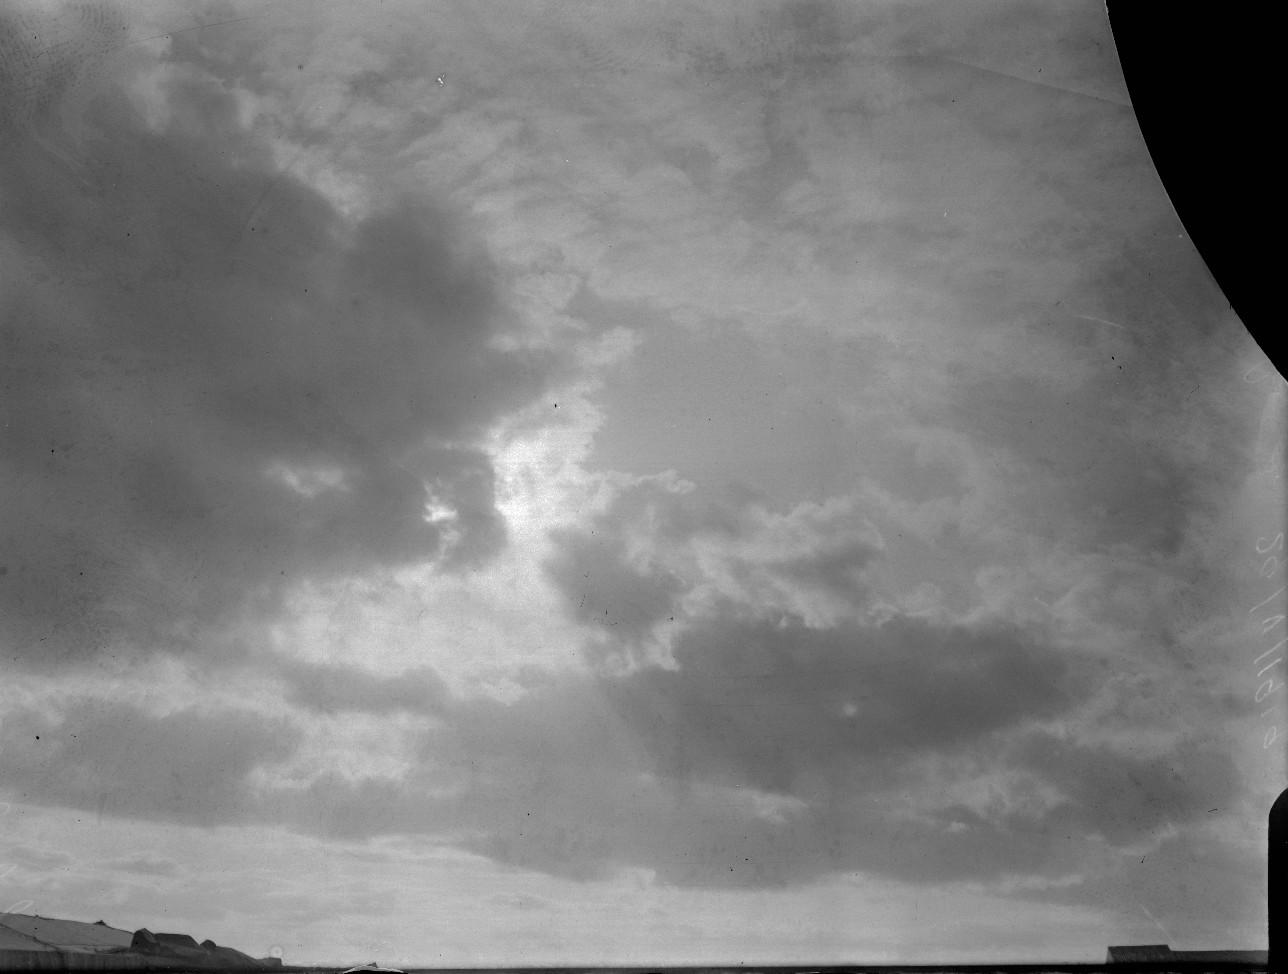 Detalhe do céu com nuvens antes do início do eclipse (Foto: Divulgação/ Observatório Nacional)